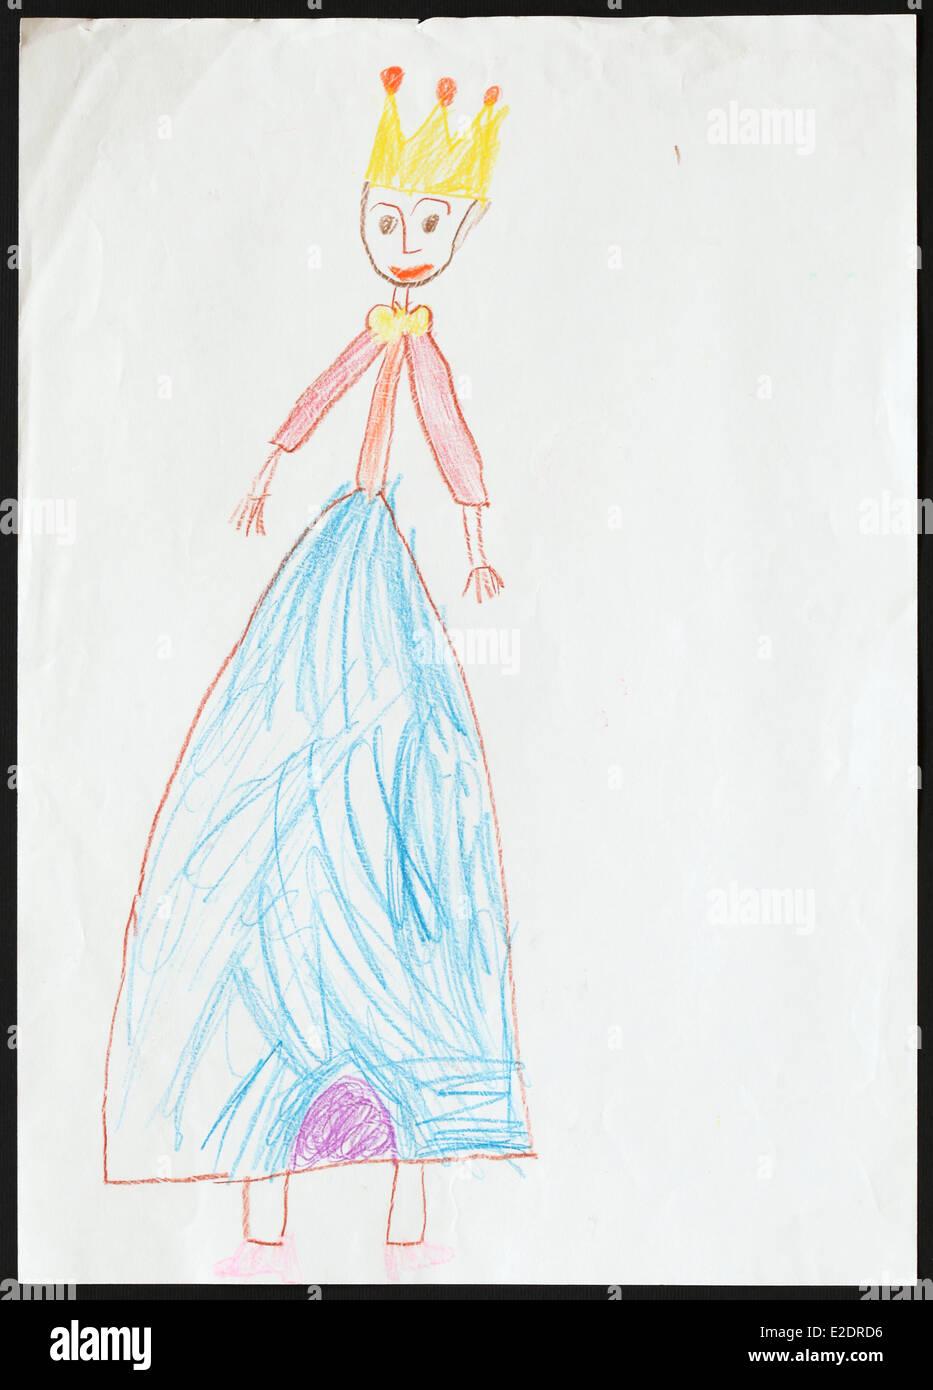 Dessin D Enfant D Origine D Une Princesse Dessiné Par Une